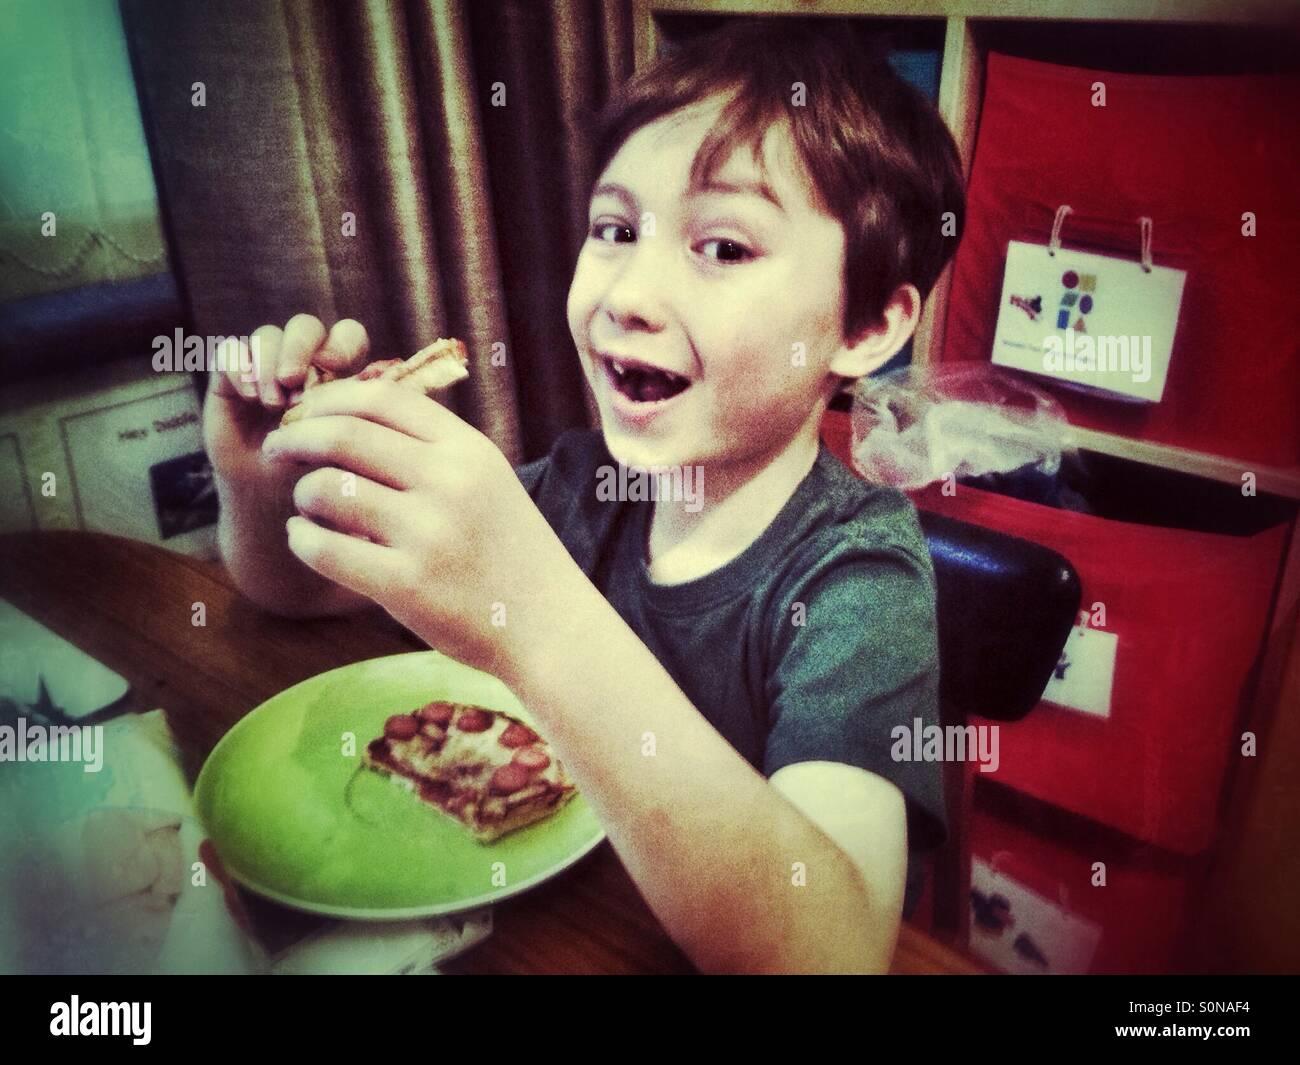 Jeune garçon de manger du pain grillé. Photo Stock